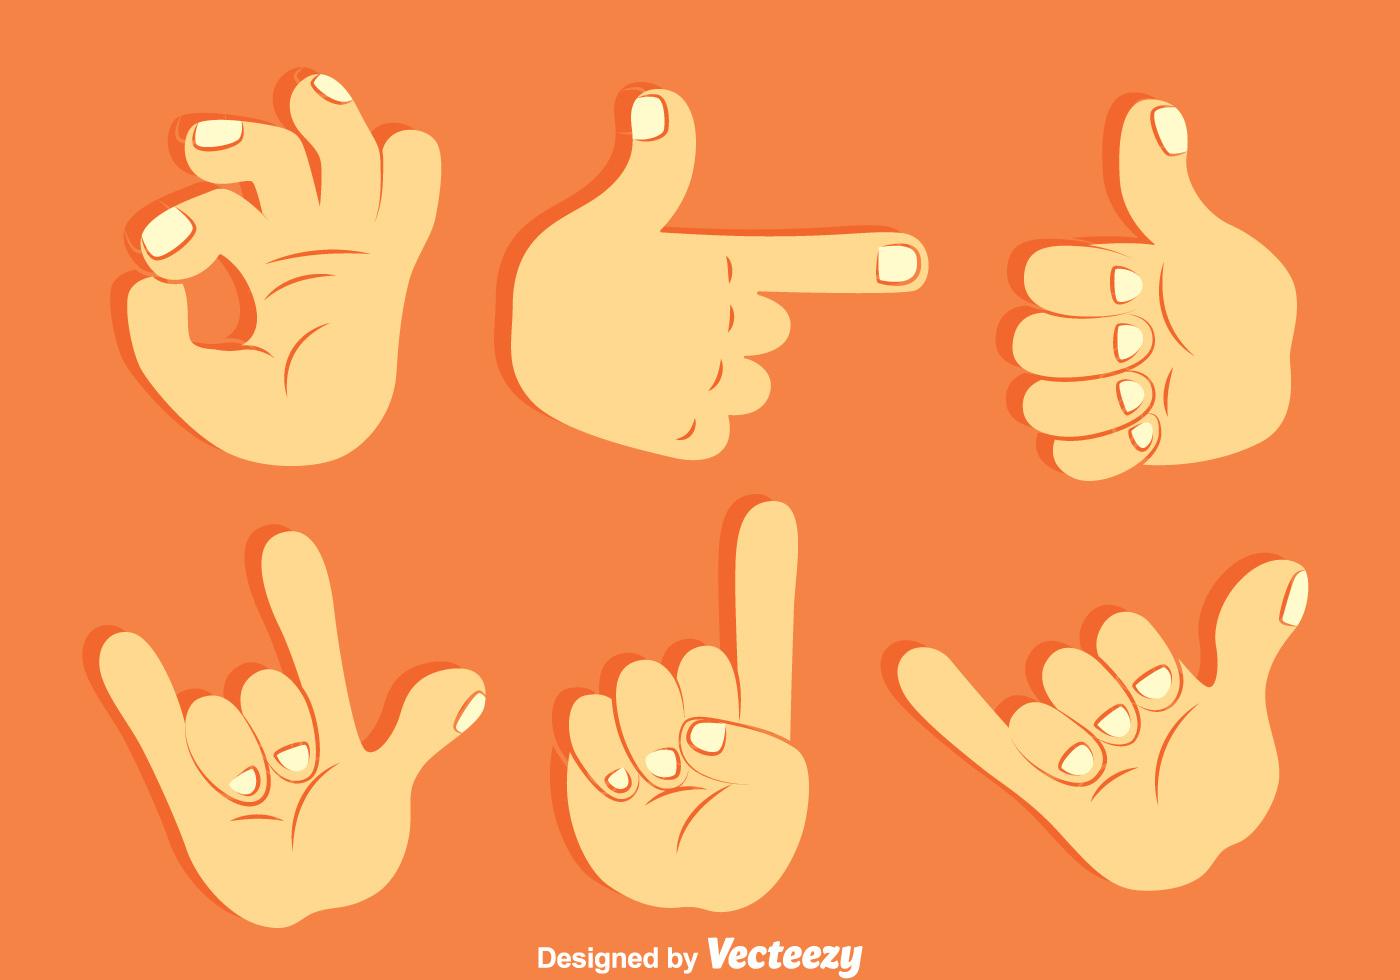 Картинки жесты символы